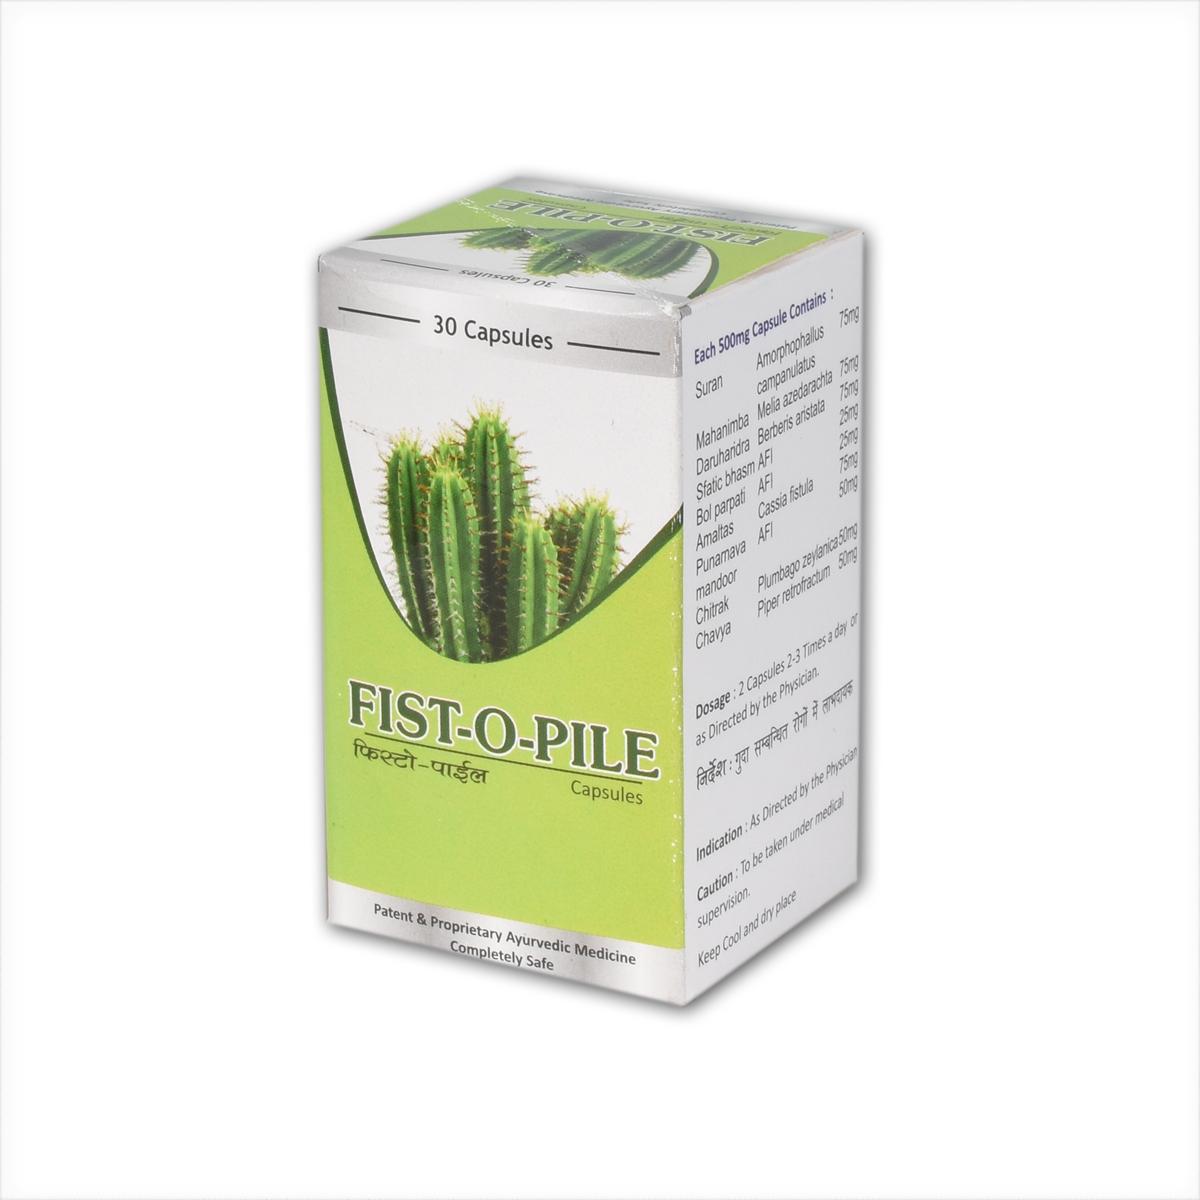 FIST-O-PILE  CAPSULE